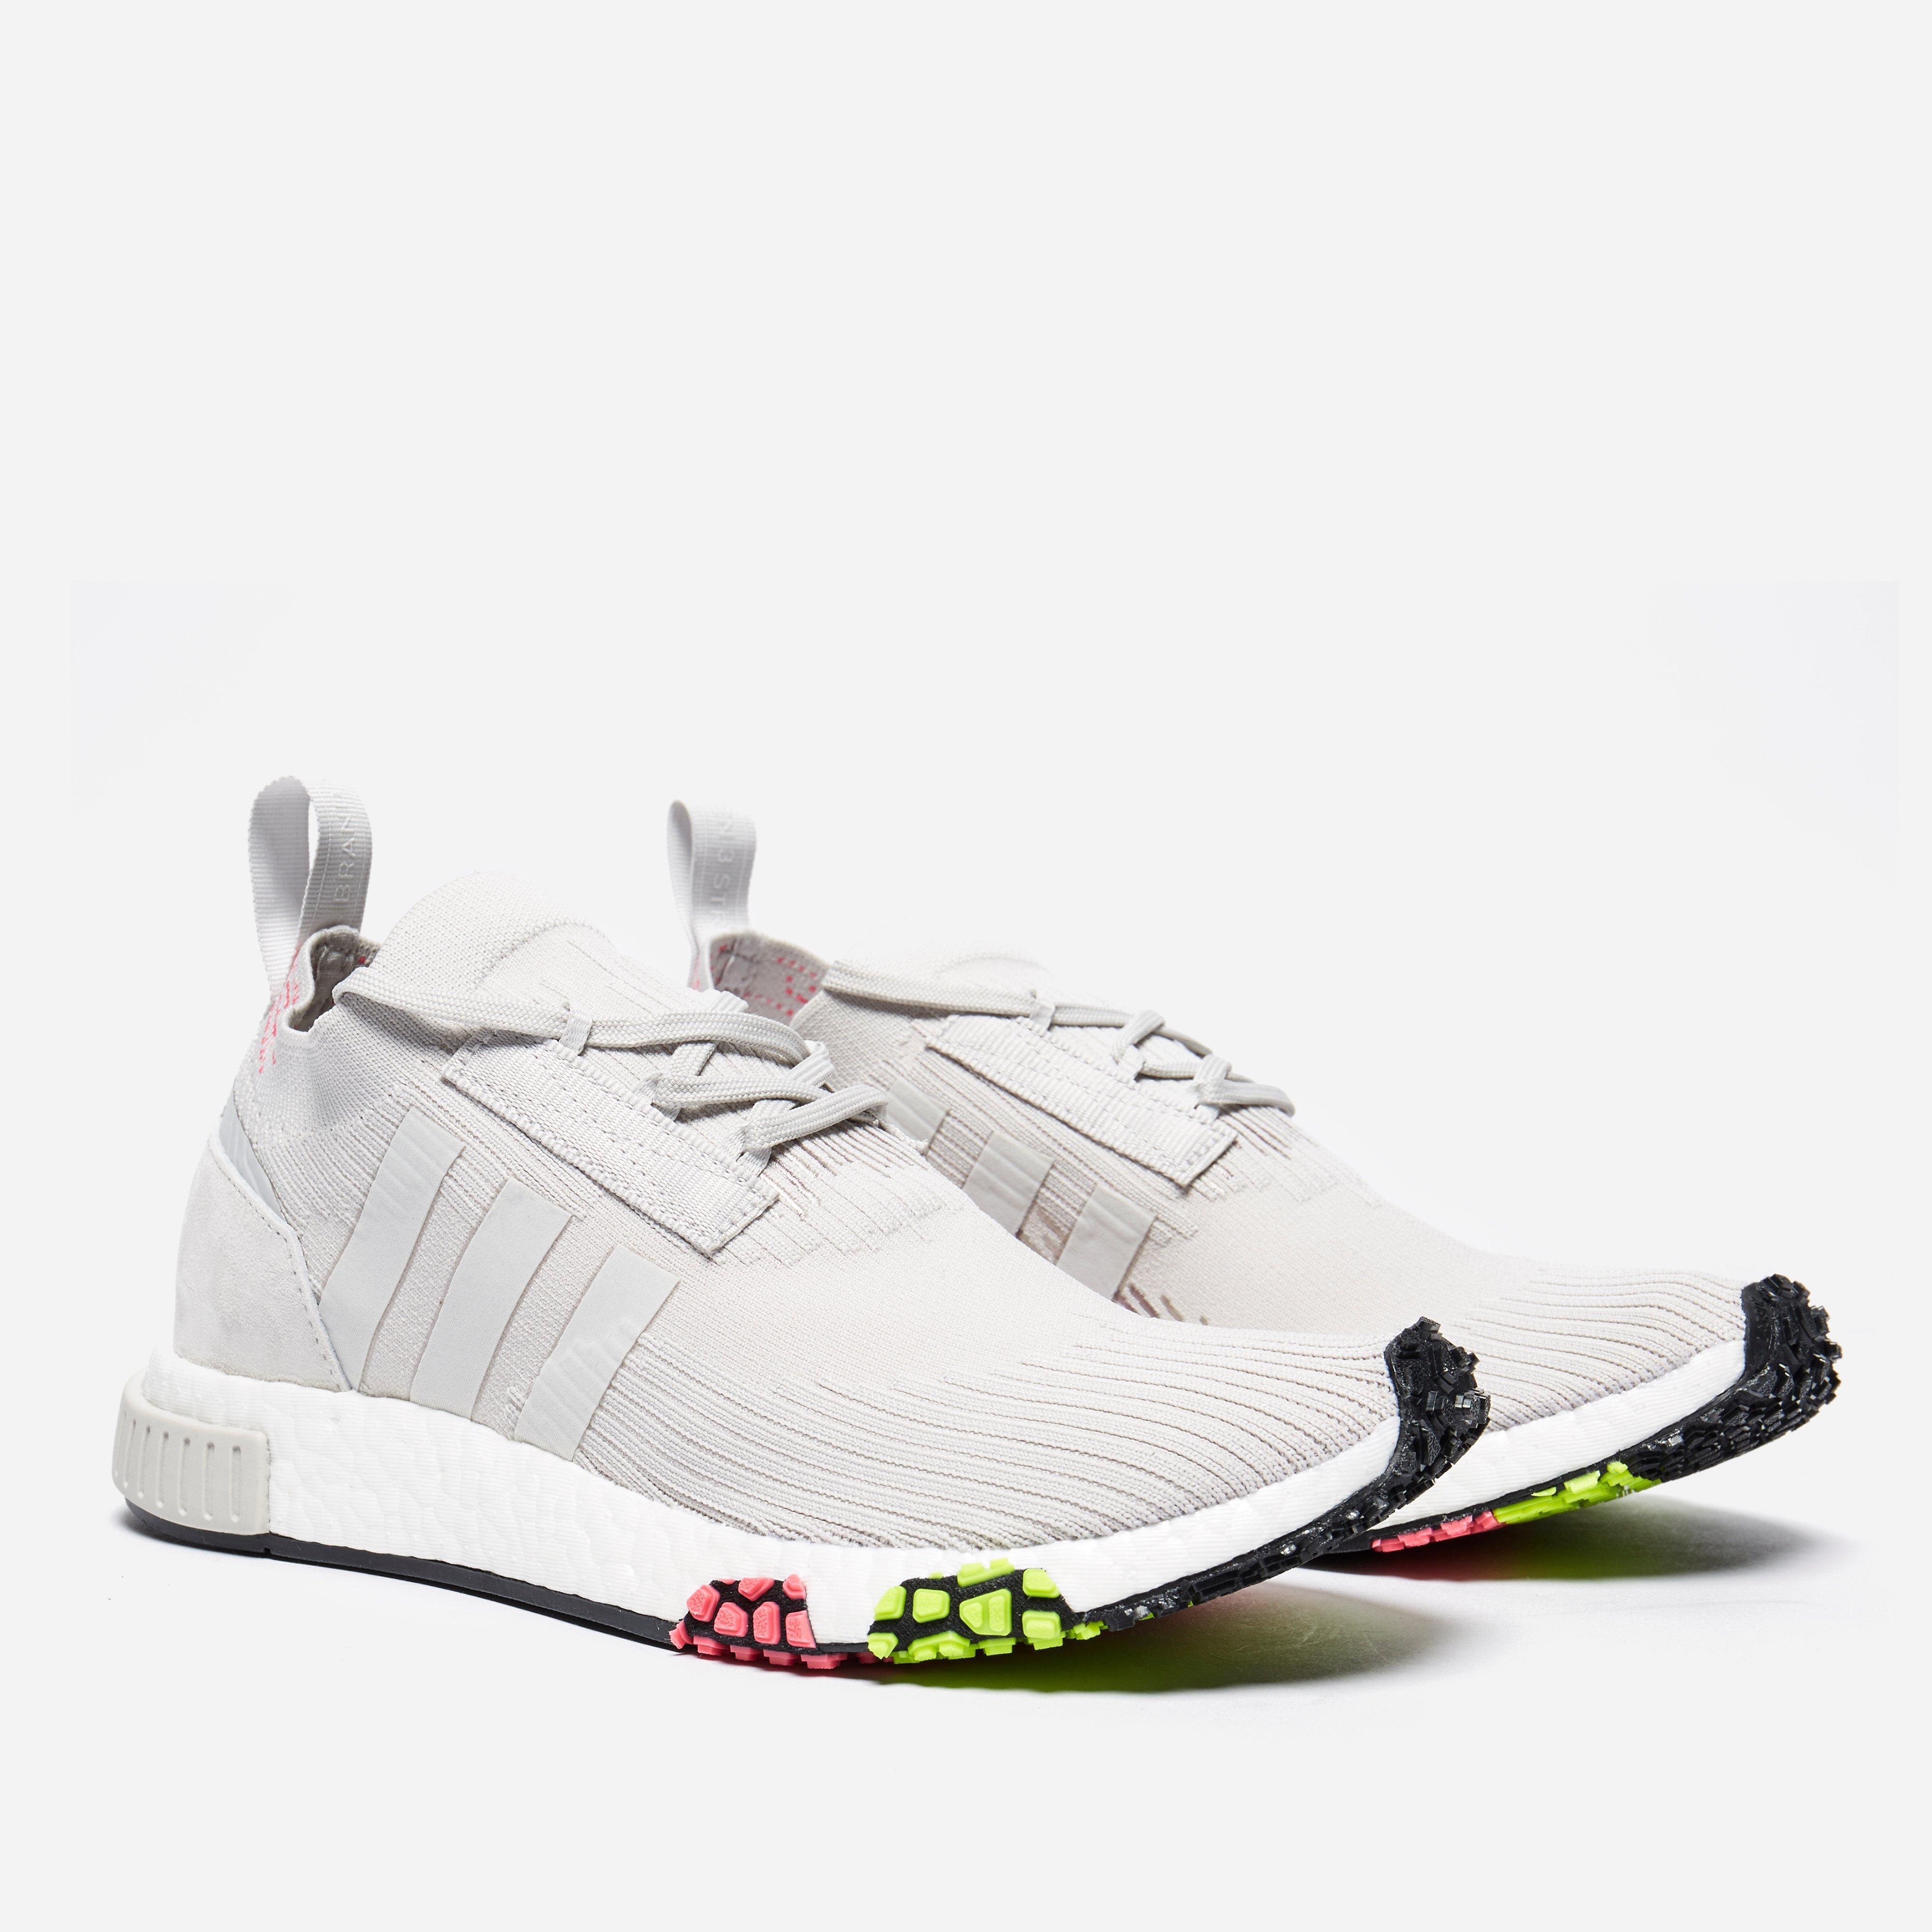 size 40 866a9 cea59 adidas Originals. Mens White Nmd Racer Pk